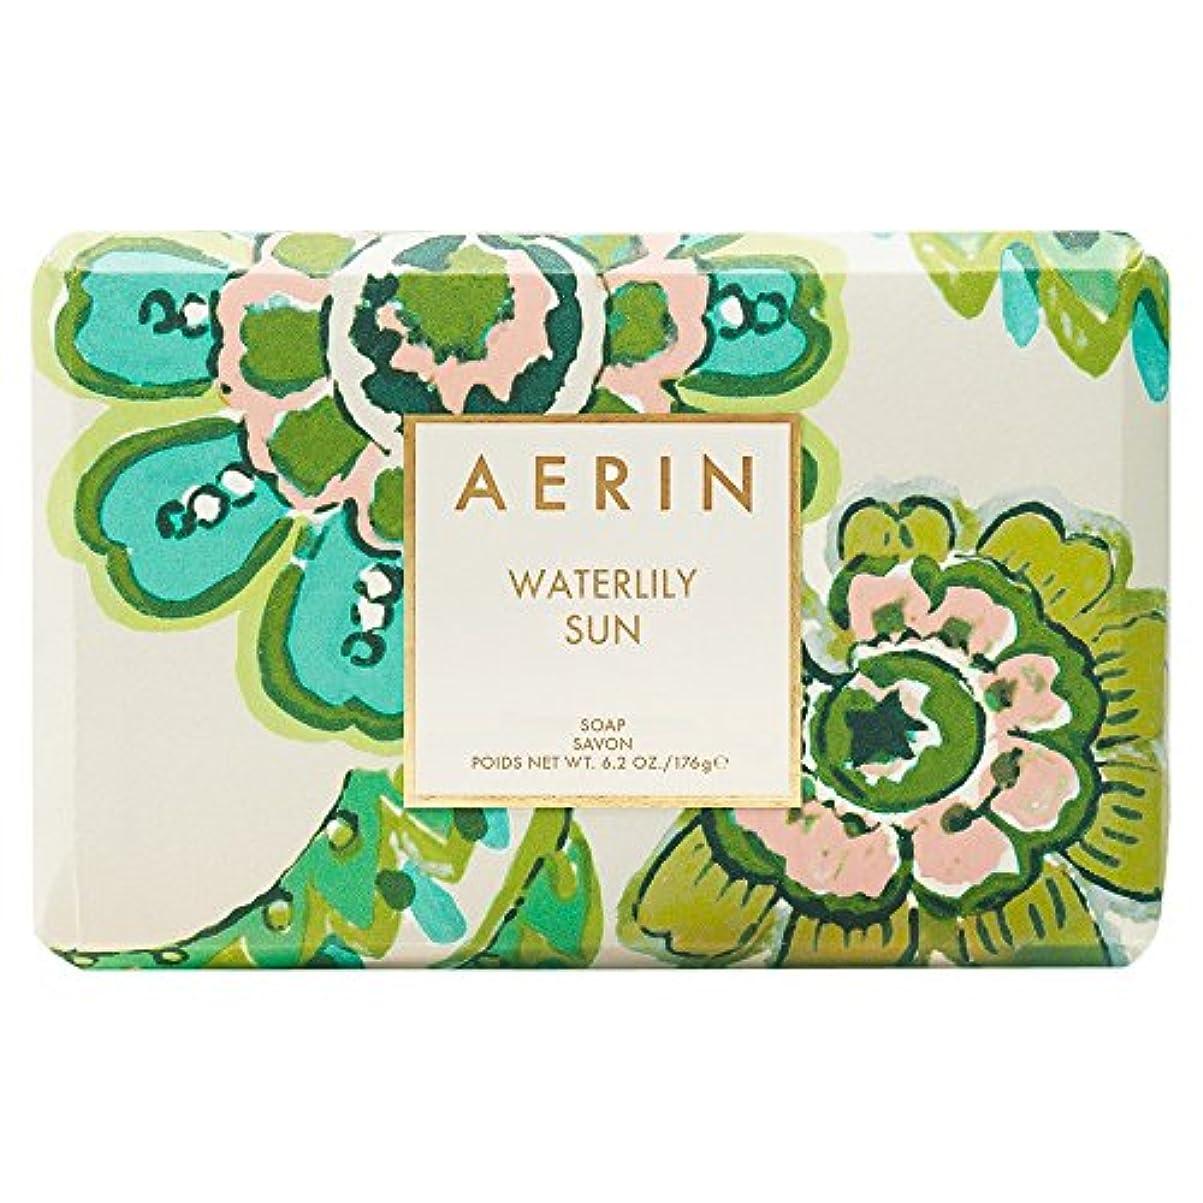 餌バッグ困難Aerinスイレン日石鹸176グラム (AERIN) (x2) - AERIN Waterlily Sun Soap 176g (Pack of 2) [並行輸入品]